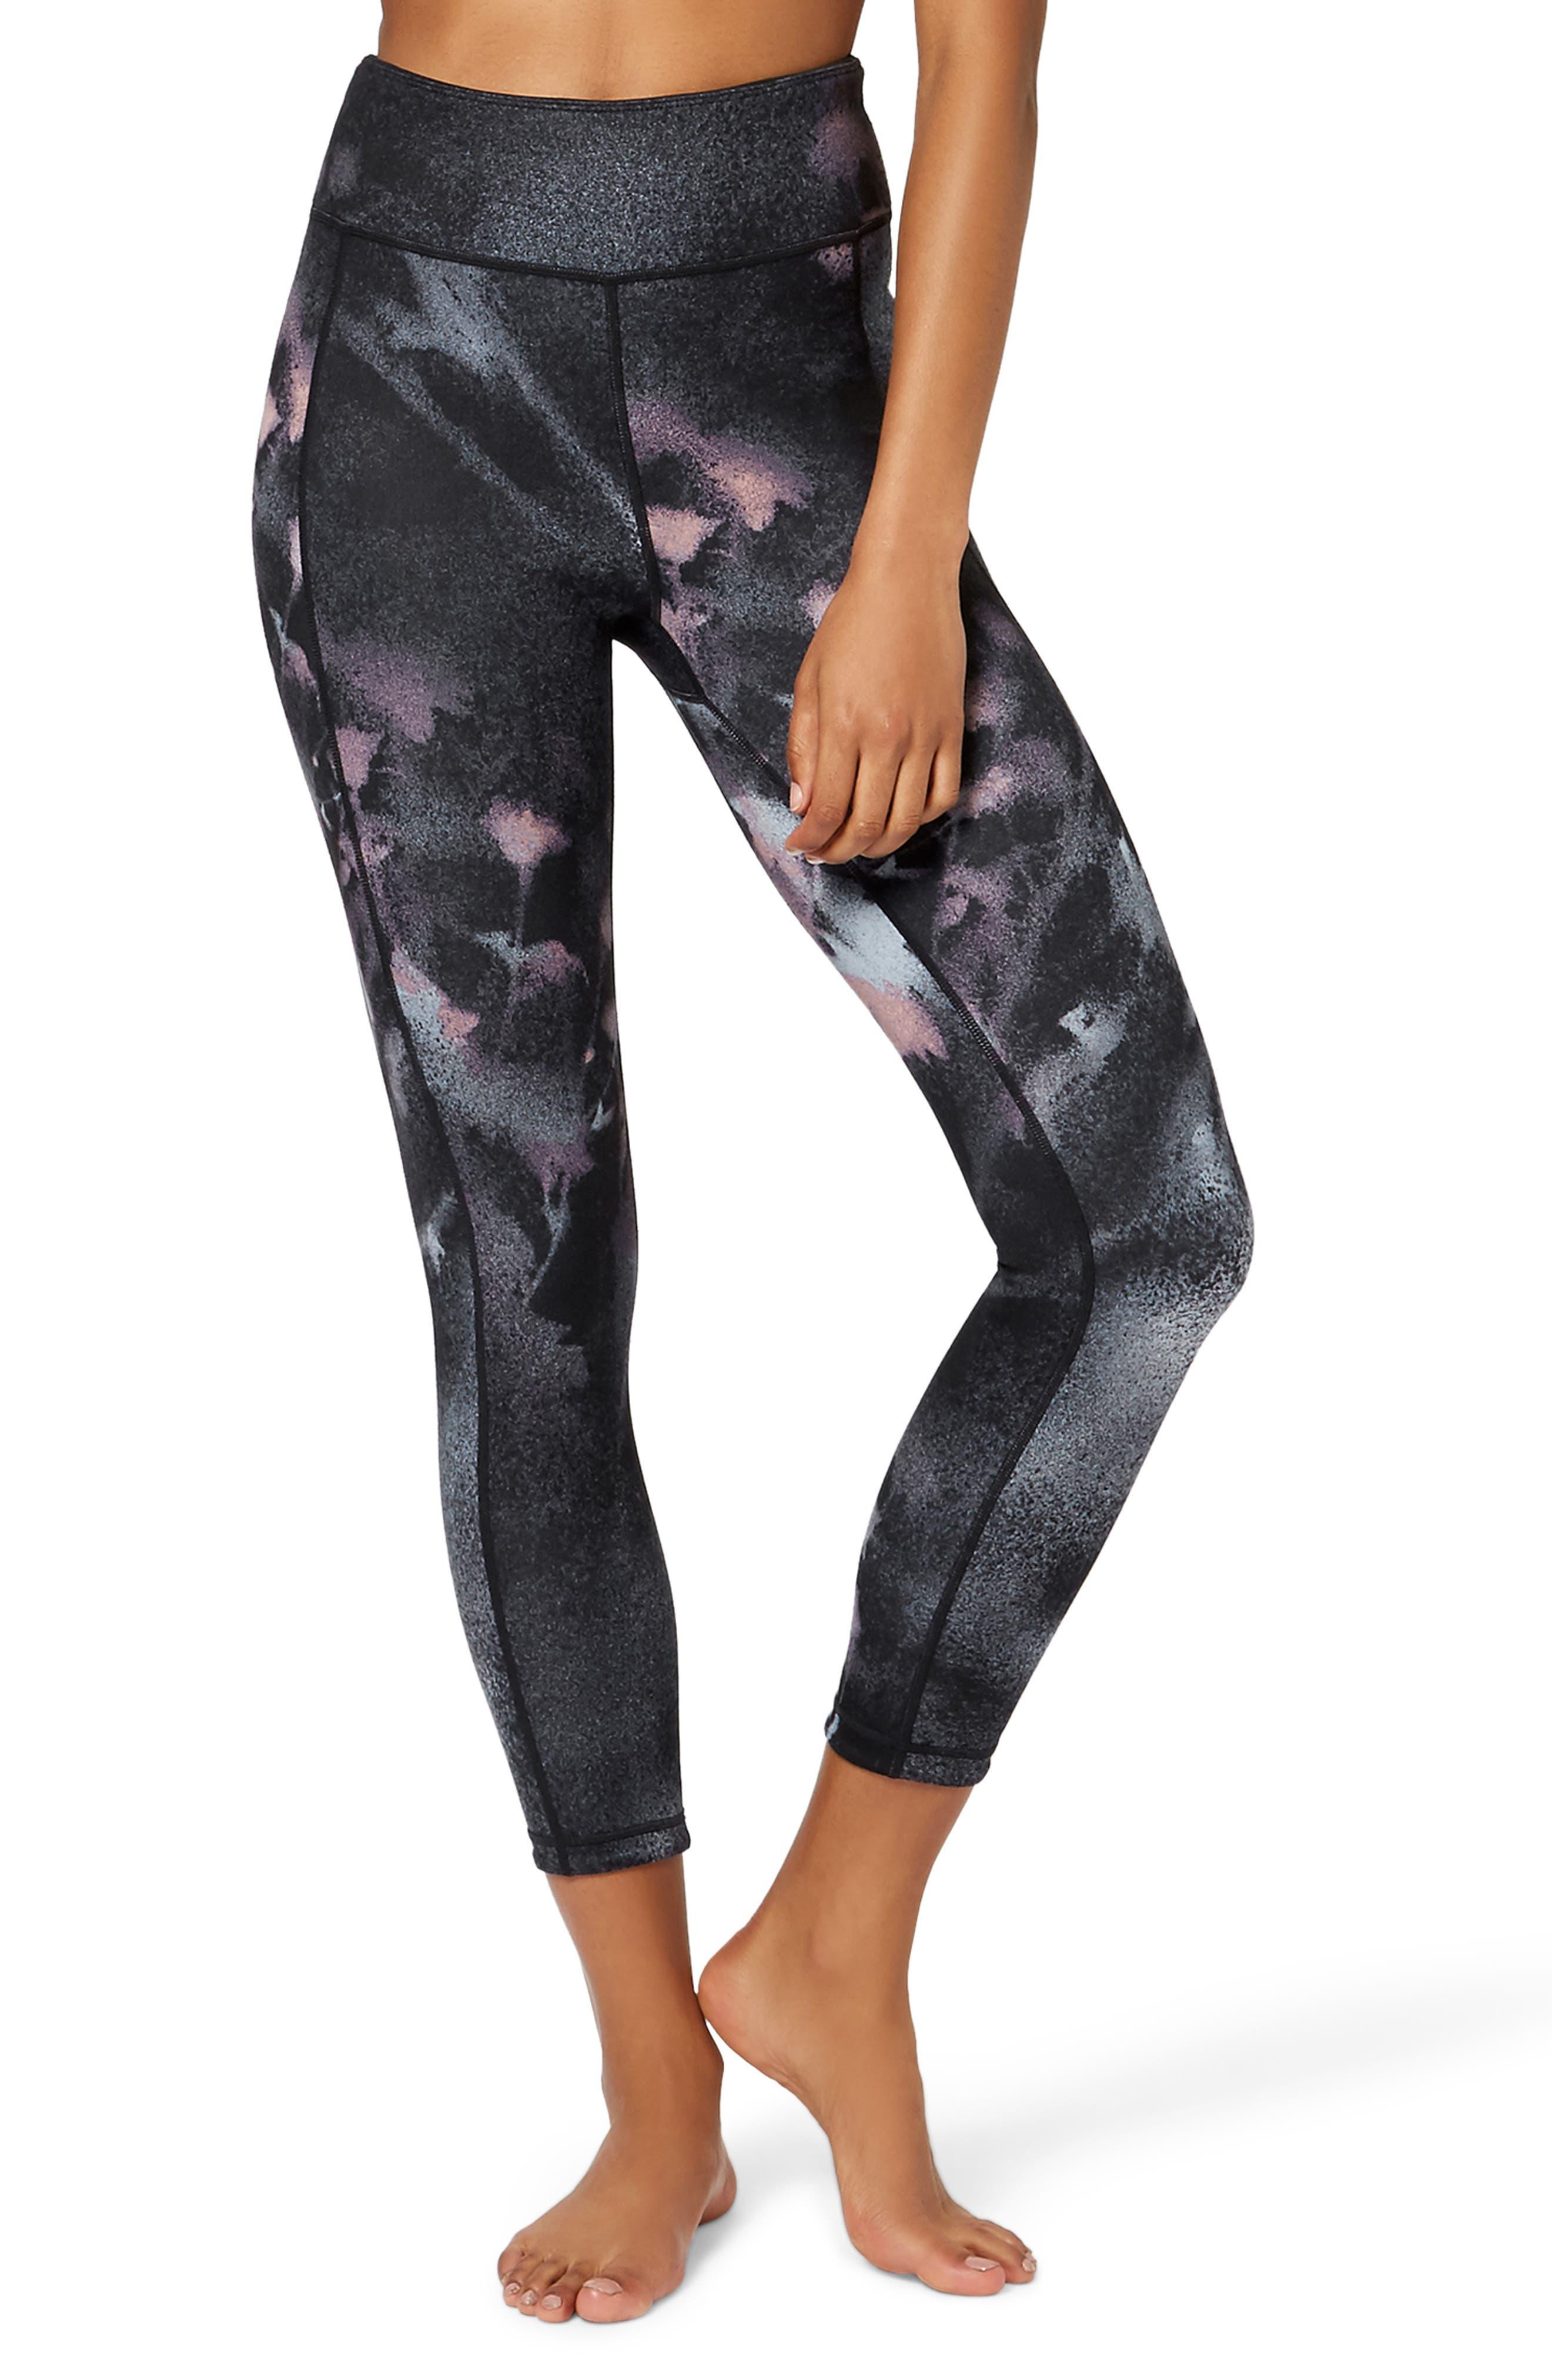 Double Duty Reversible Yoga Leggings,                         Main,                         color, BLACK SPRAY PAINT FLORAL